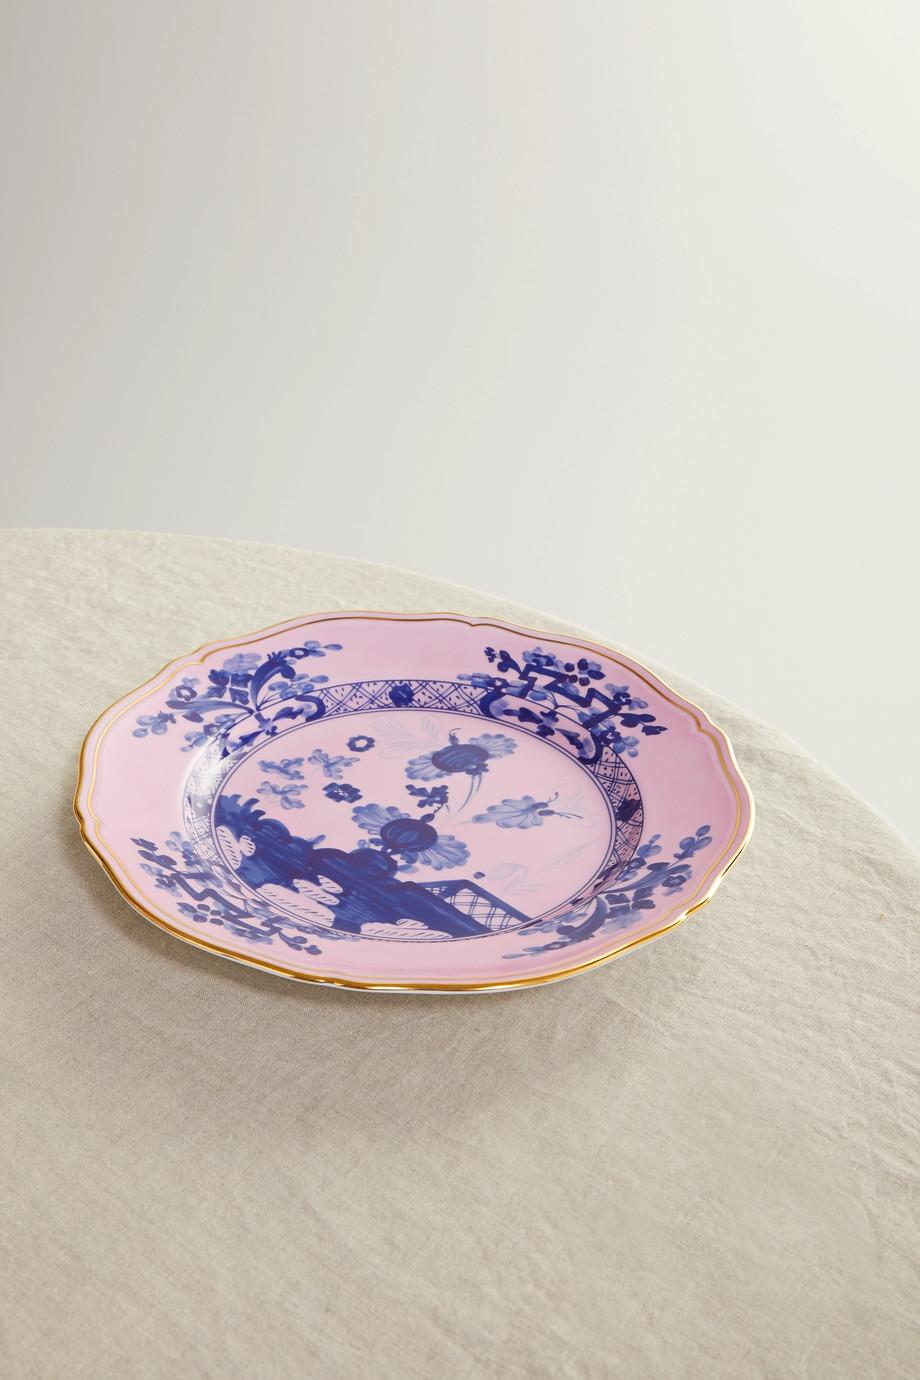 Ginori Oriente Italiano 26 cm Teller aus Porzellan mit vergoldeten Details